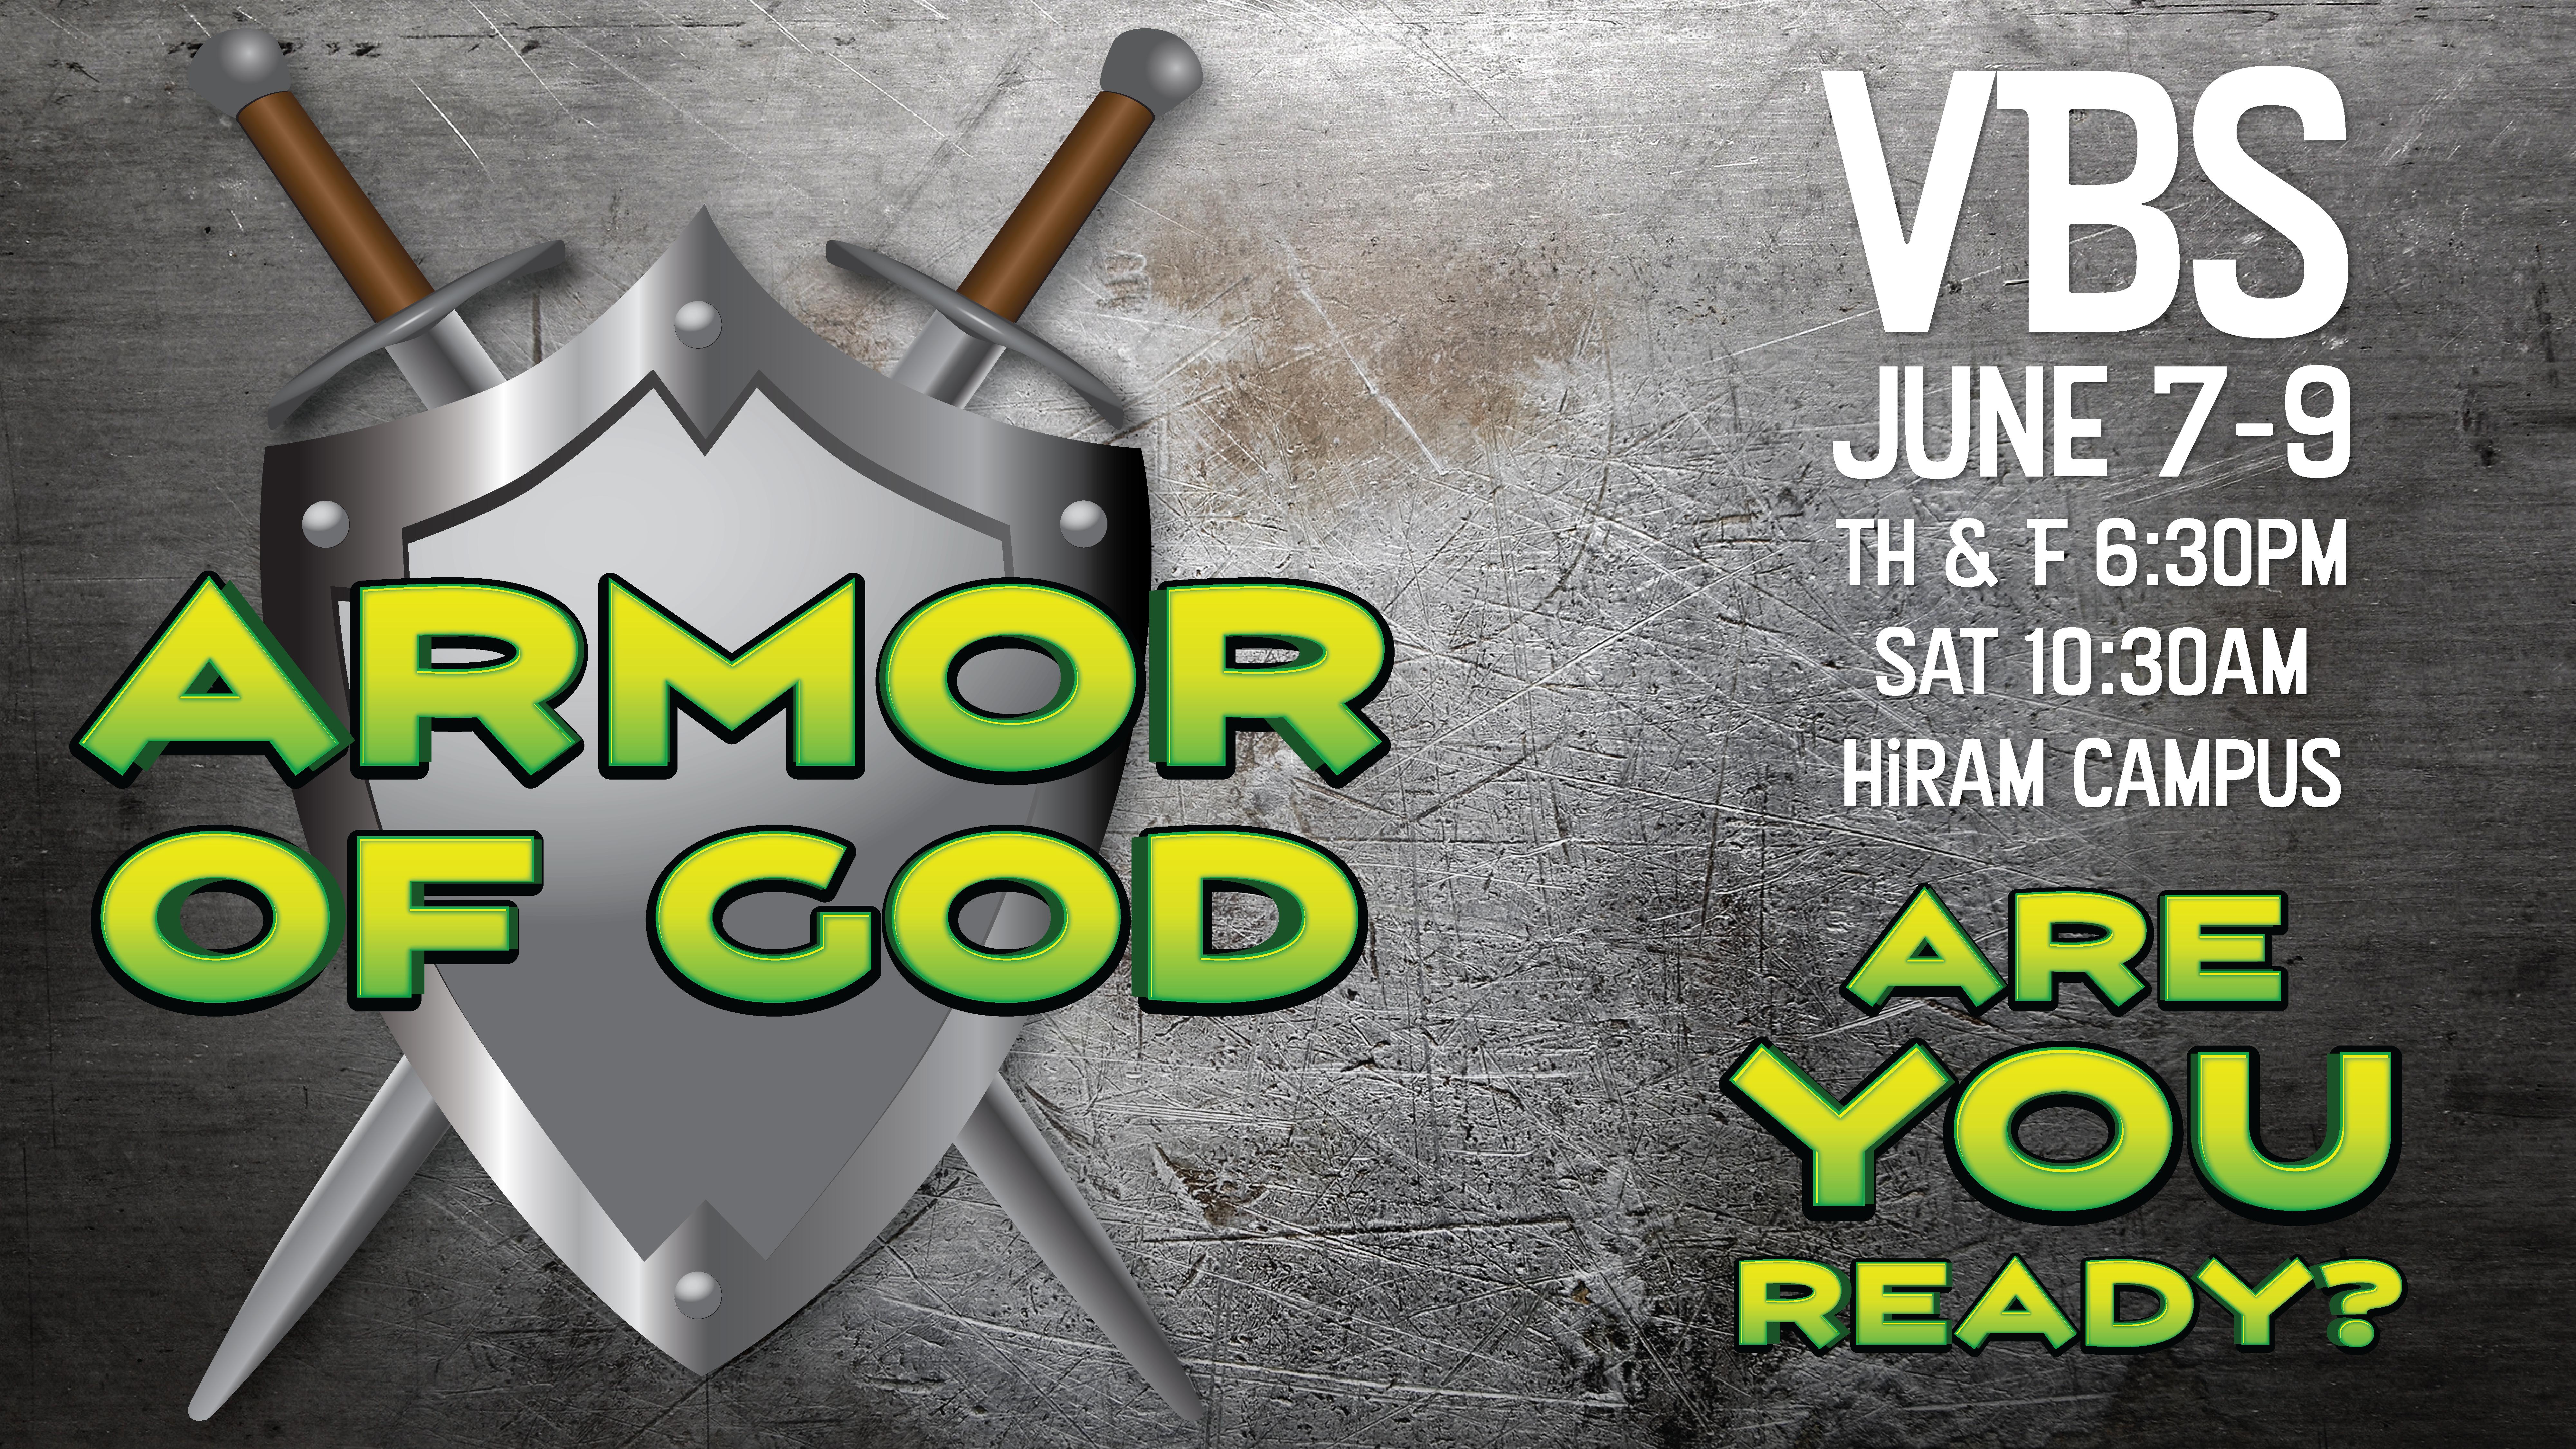 Vbs armor of god 01